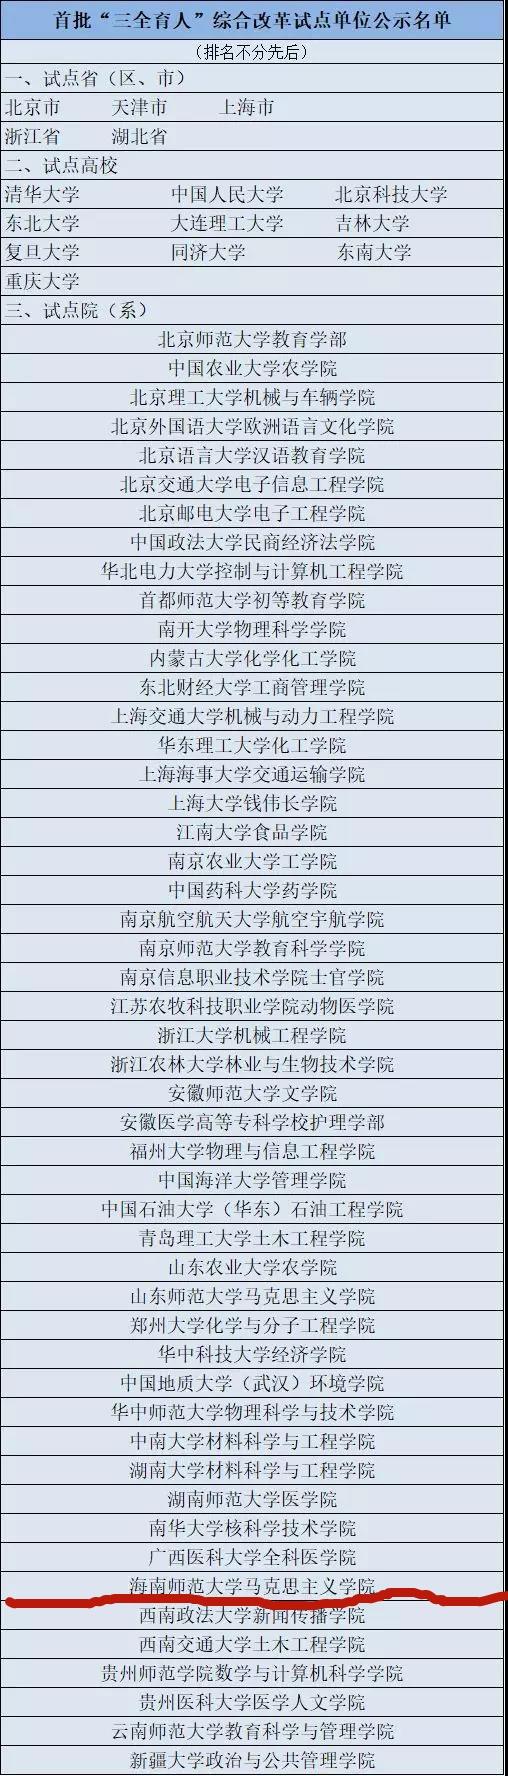 """【媒体海师】我校马克思主义学院入选首批""""三全育人""""综合改革试点单位公示名单"""